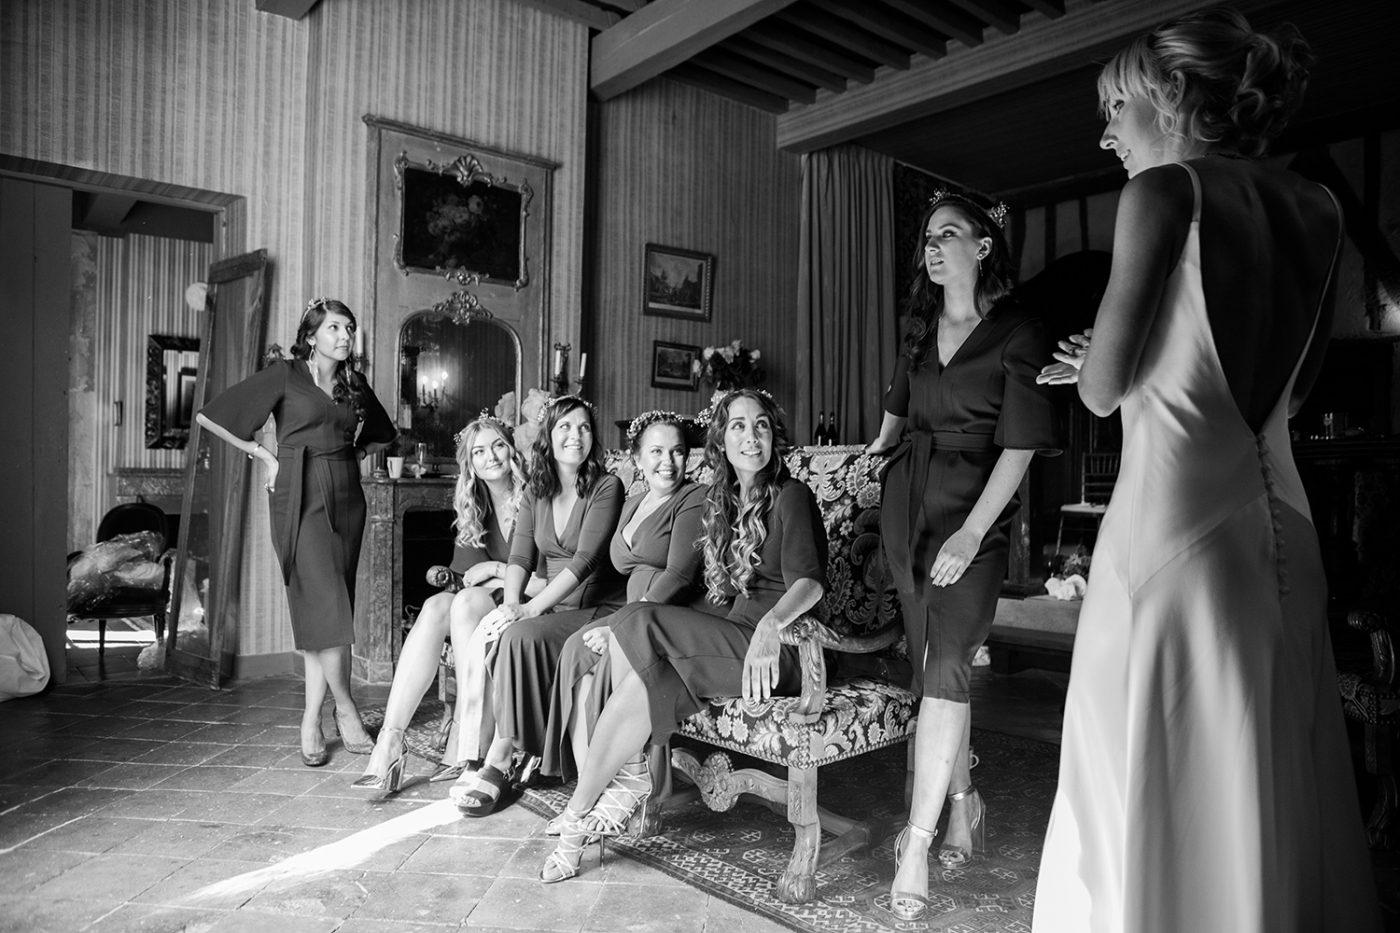 Demoiselles d'honneur et mariée / Bridesmaids and bride